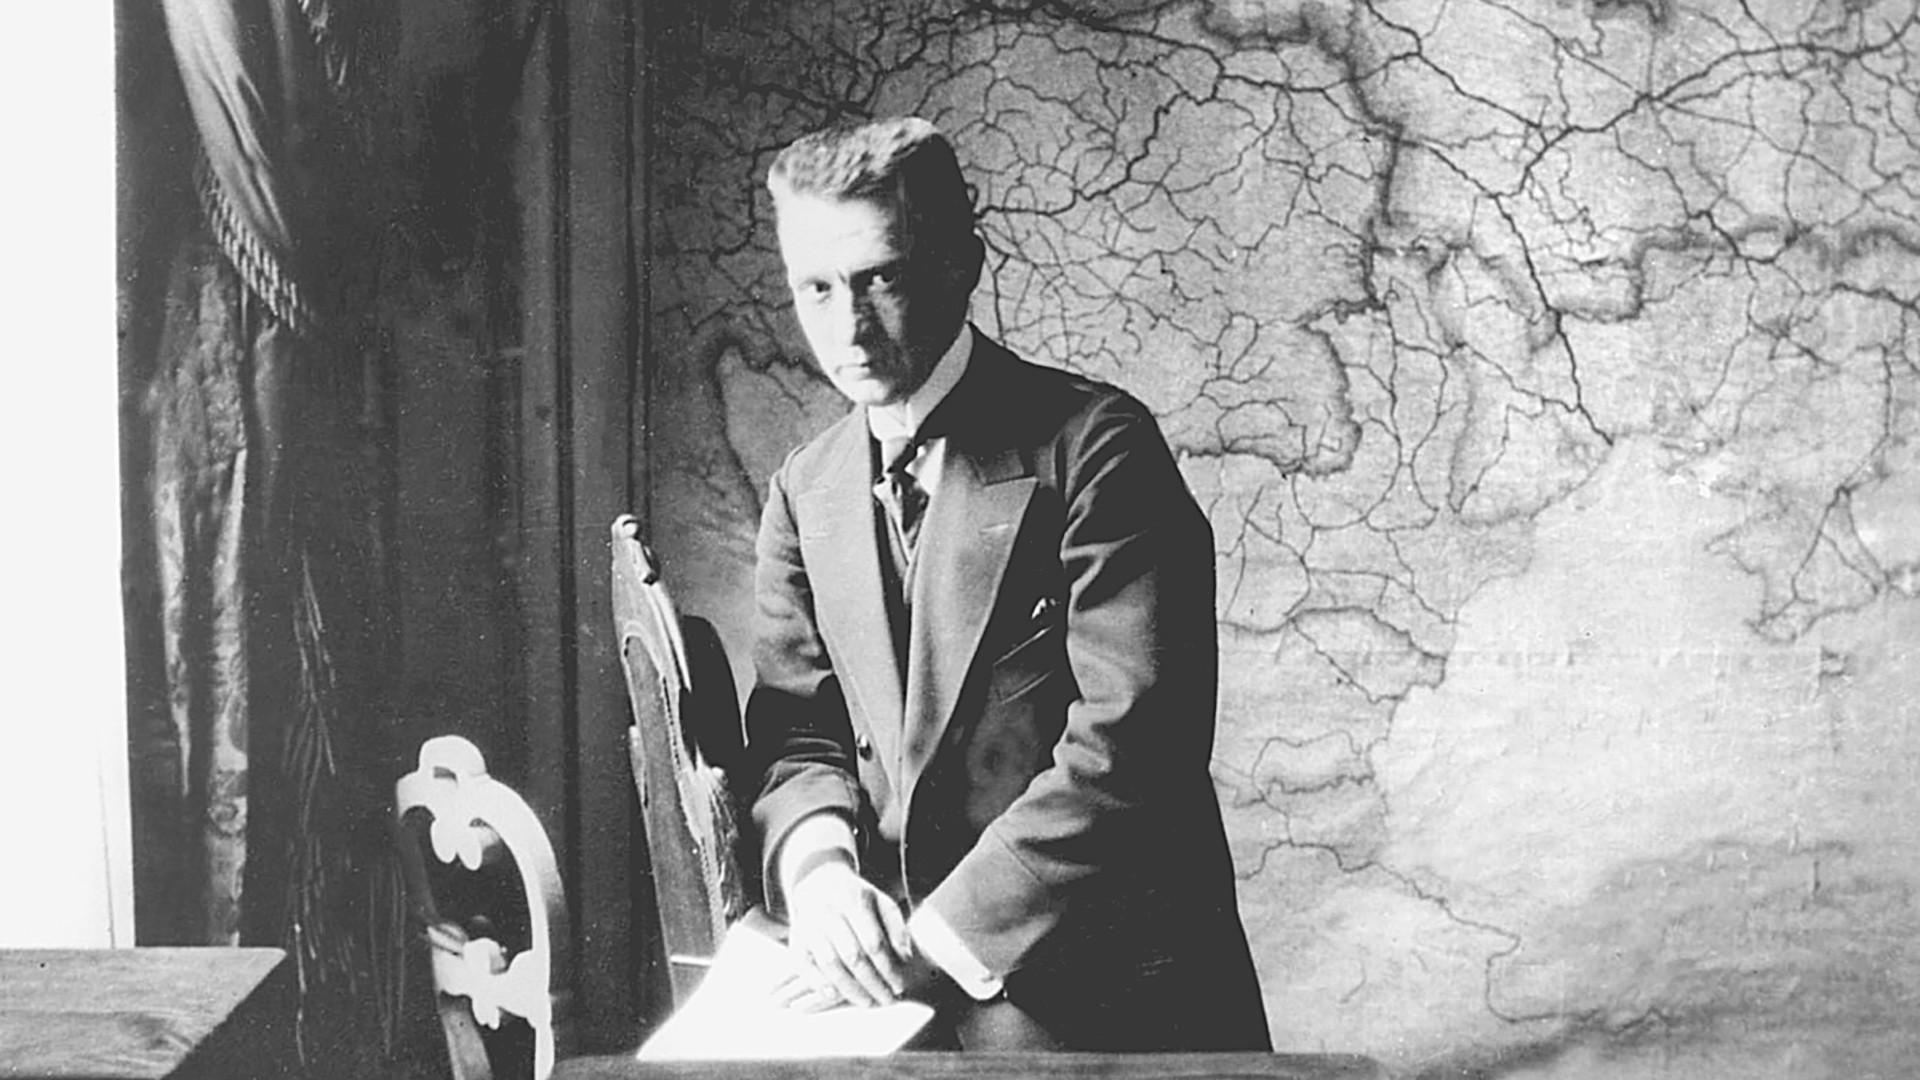 А. Керенски, 1917 г.